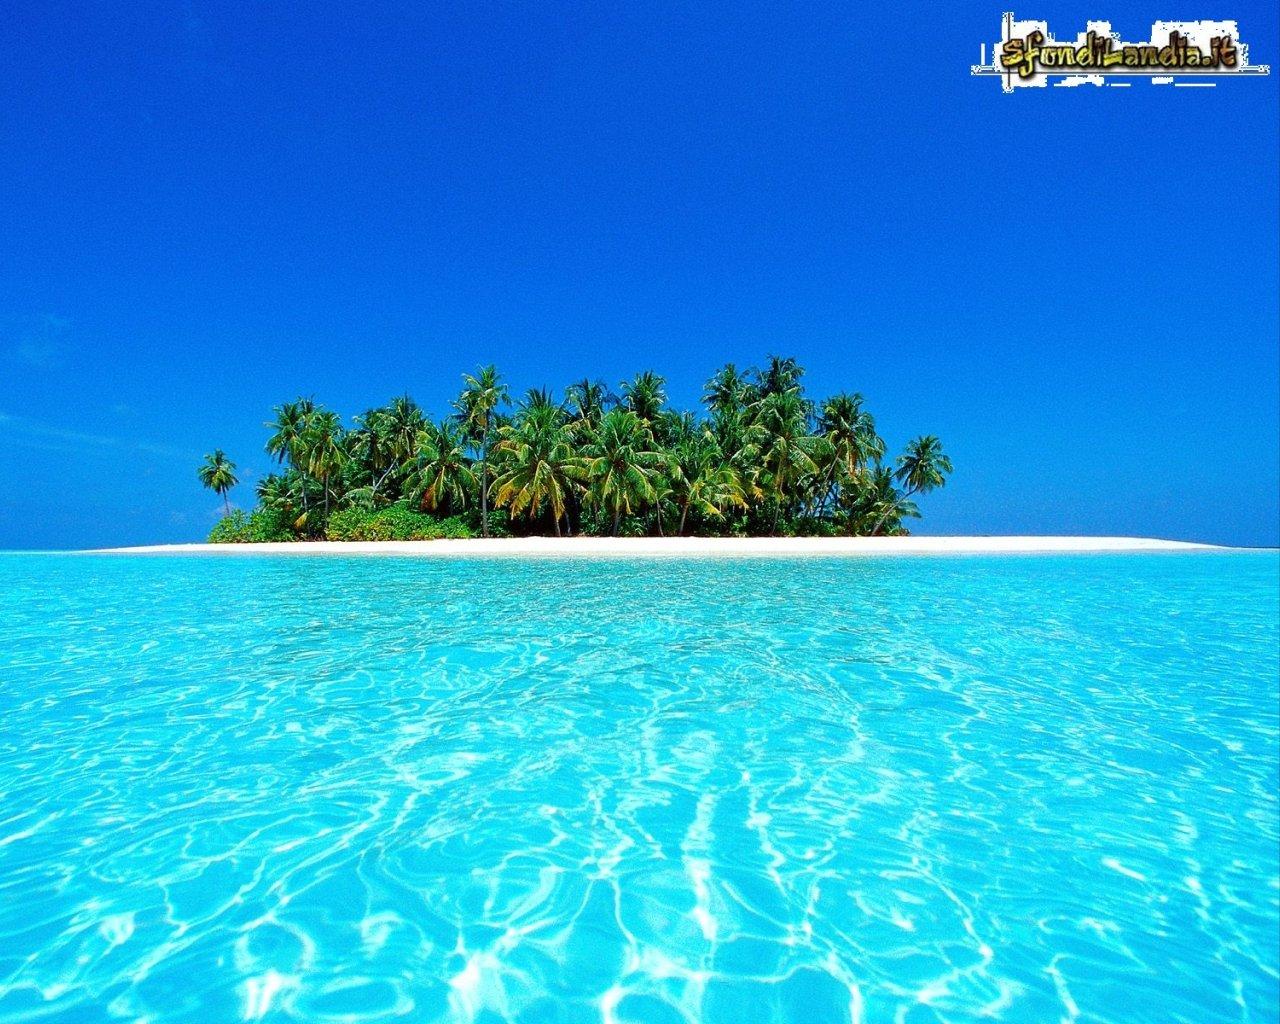 Sfondo gratis di atollo ari per desktop for Sfondilandia mare